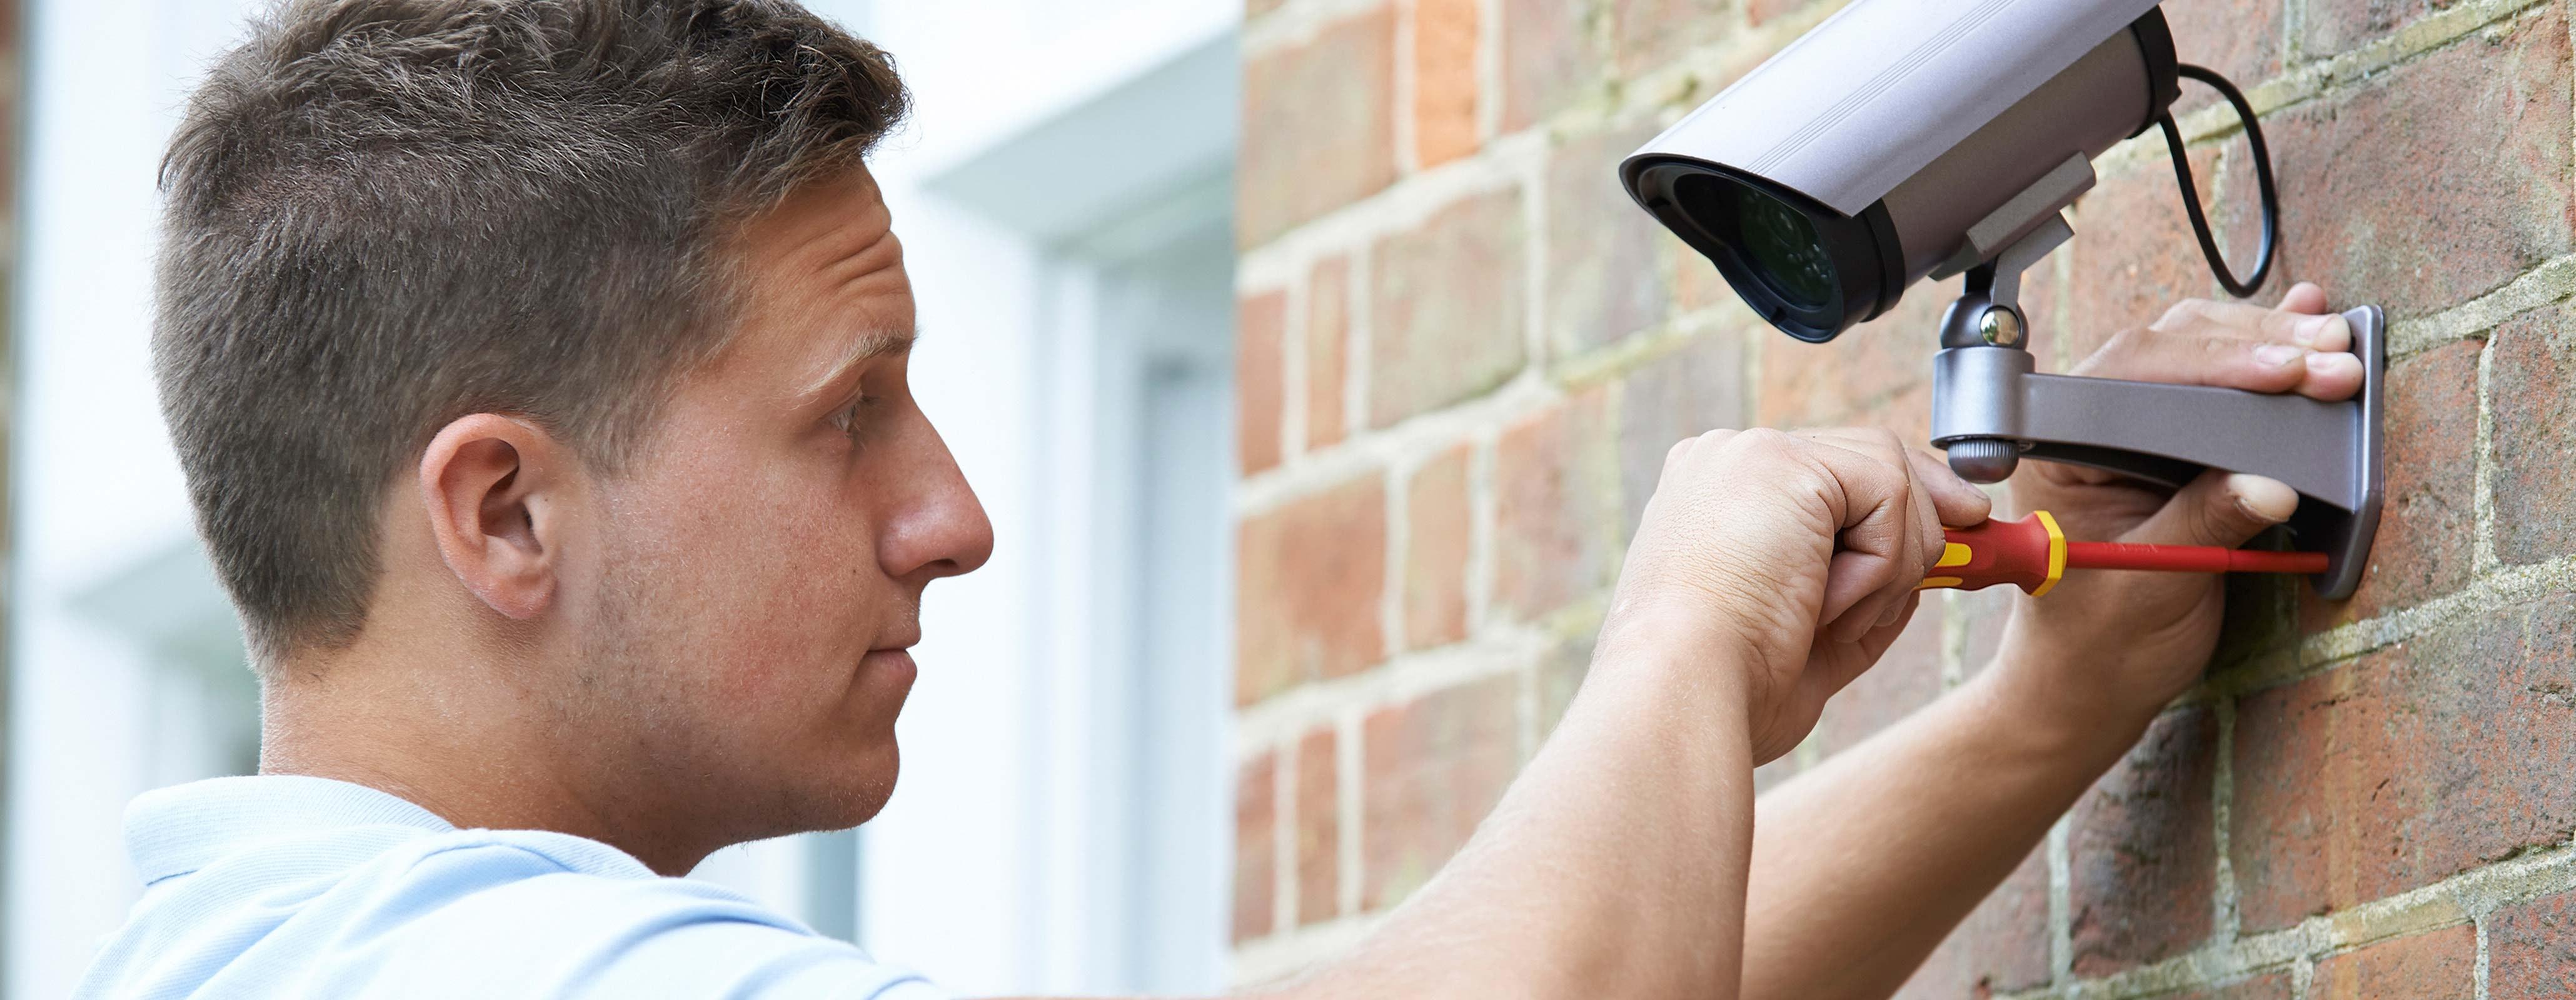 Installatie beveiligingscamera